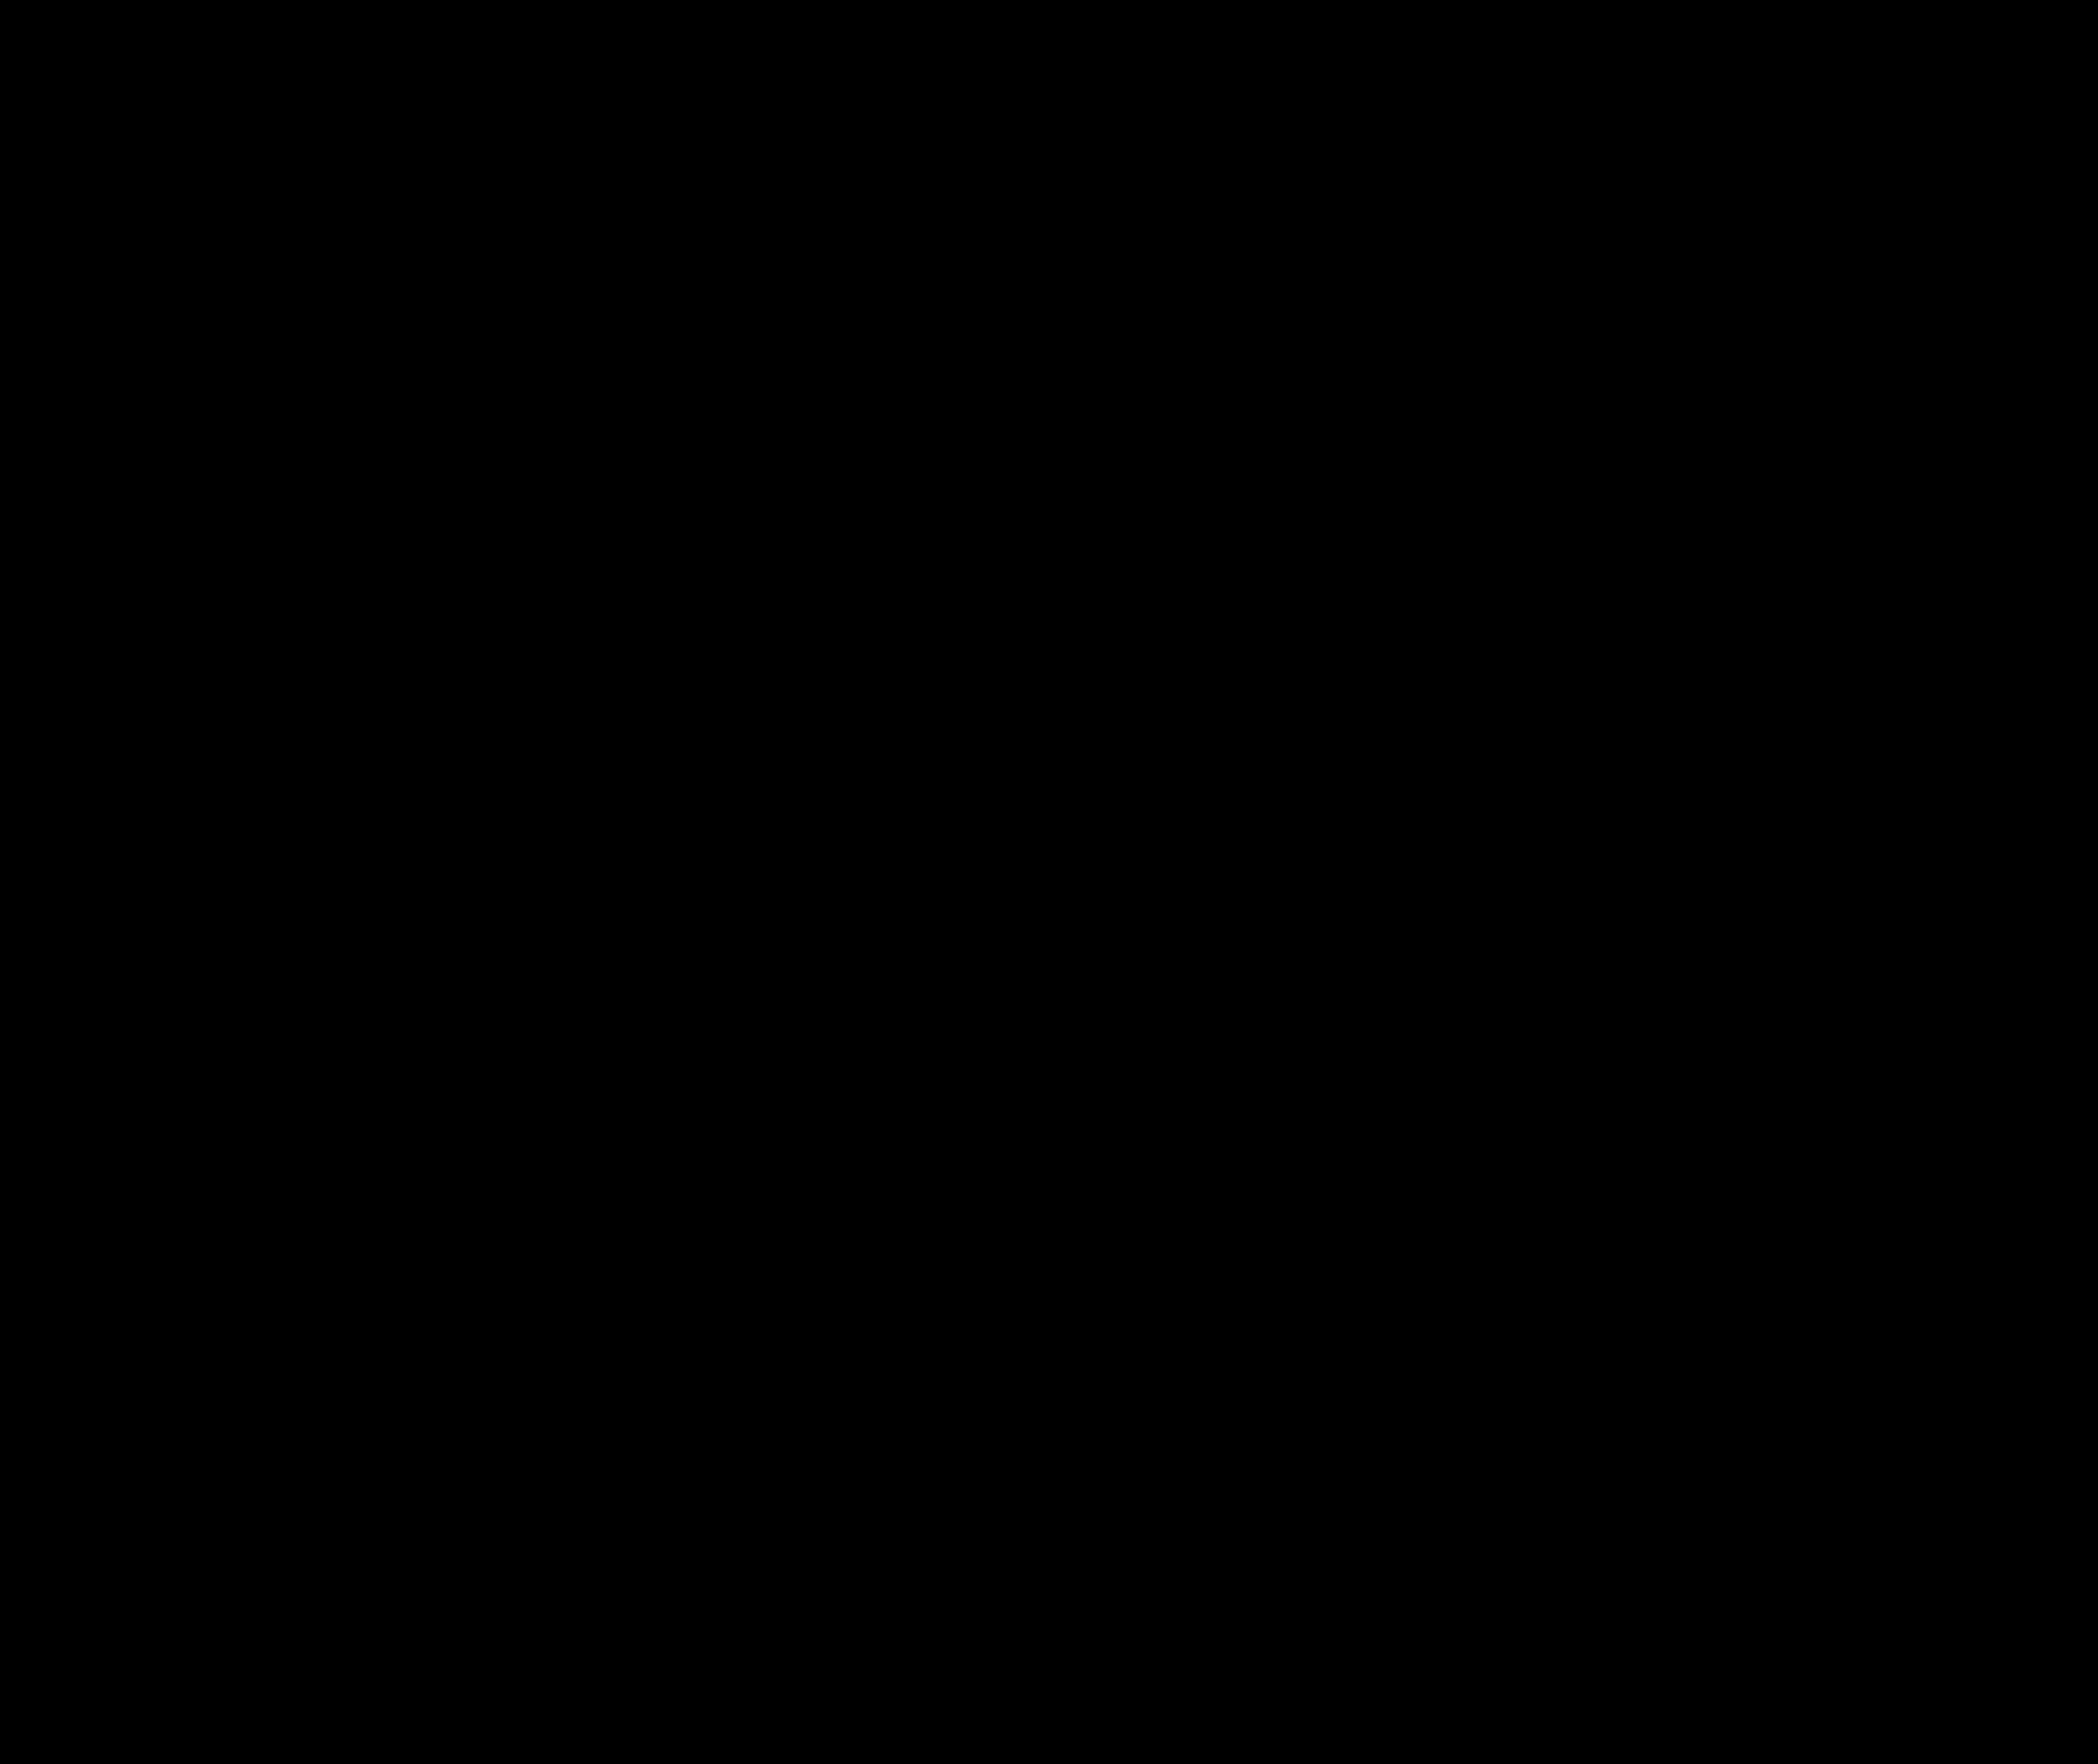 Stadium-Zoysia-TM